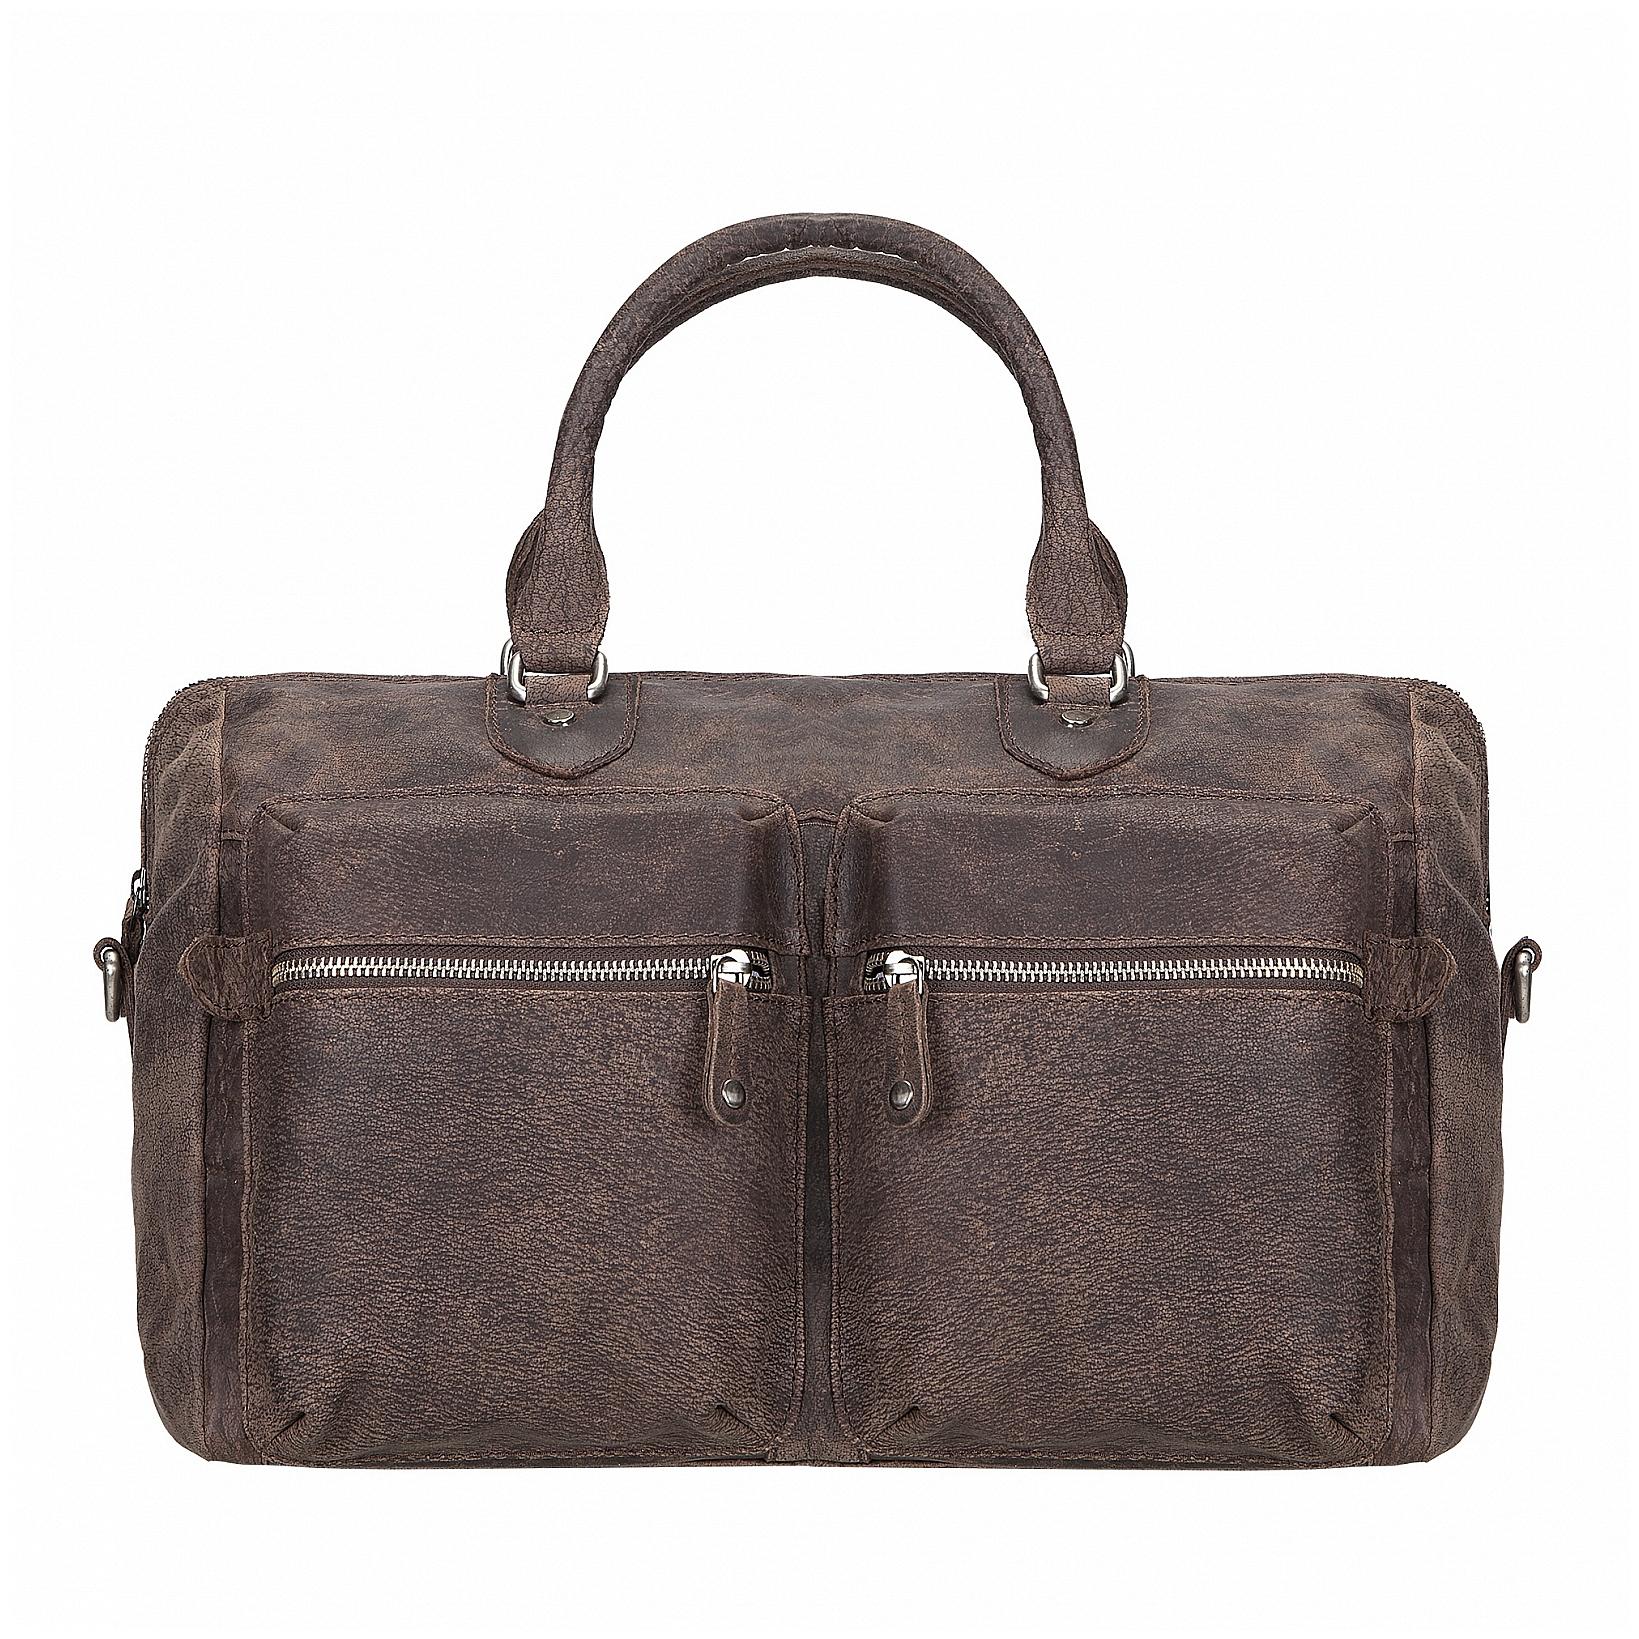 ESTELLE Velká kabelka z buvolí kůže 1276-86 tmavě hnědá bf920ace00